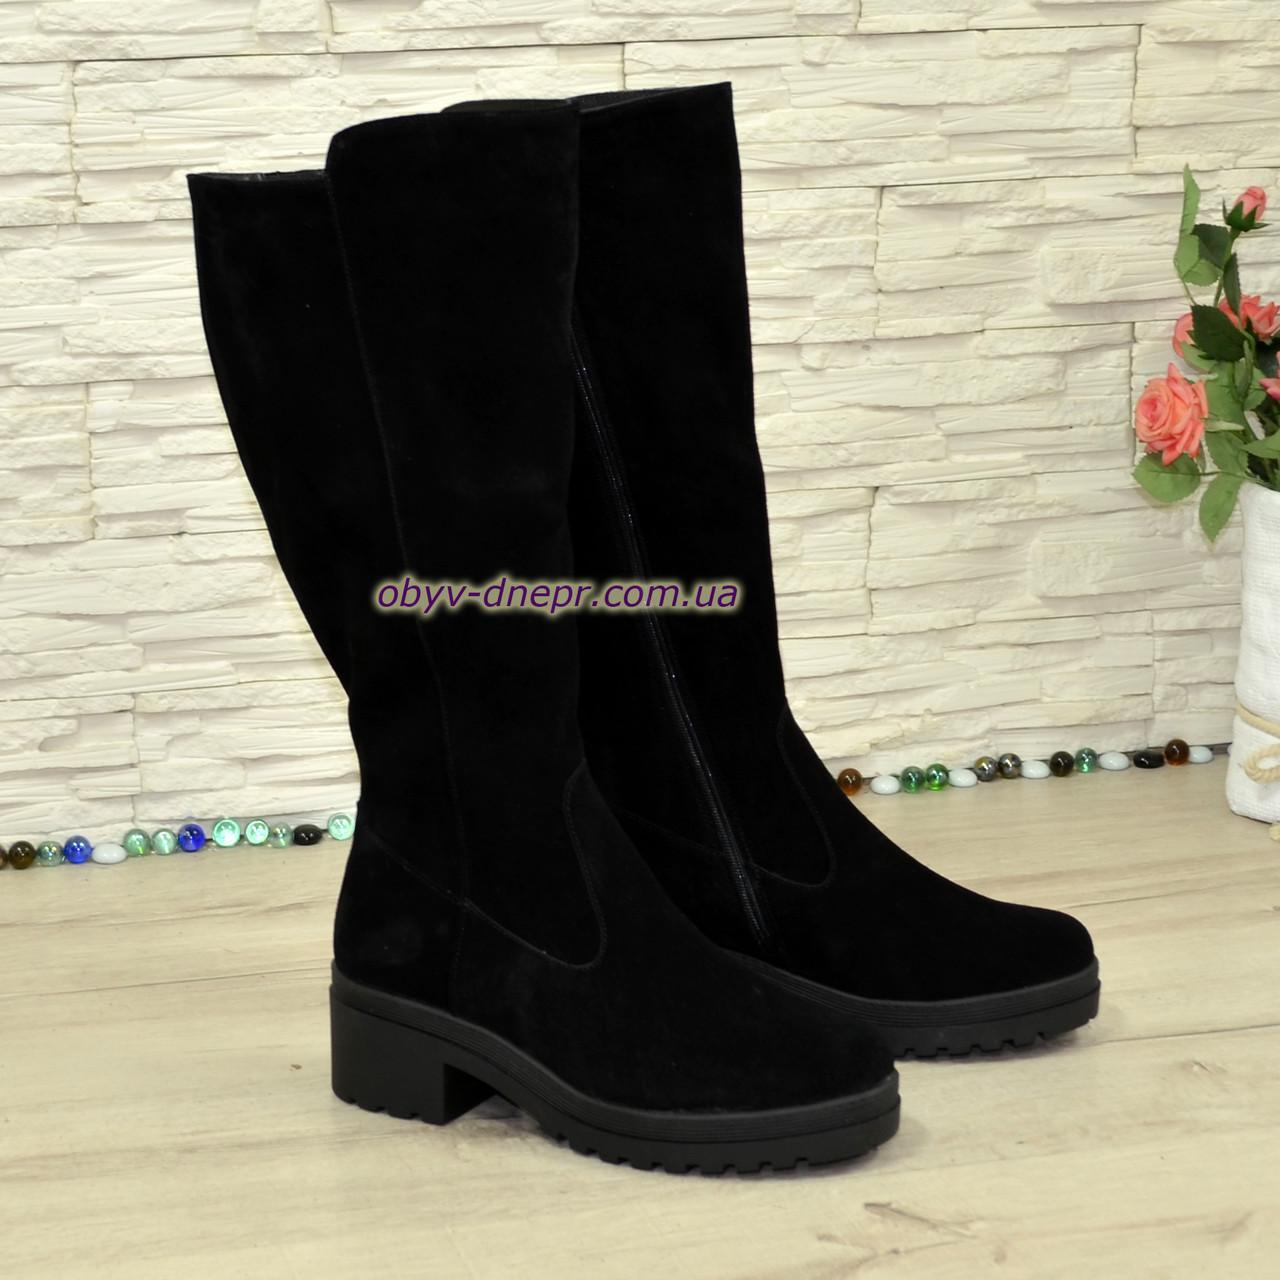 Сапоги женские замшевые на невысоком устойчивом каблуке, цвет черный